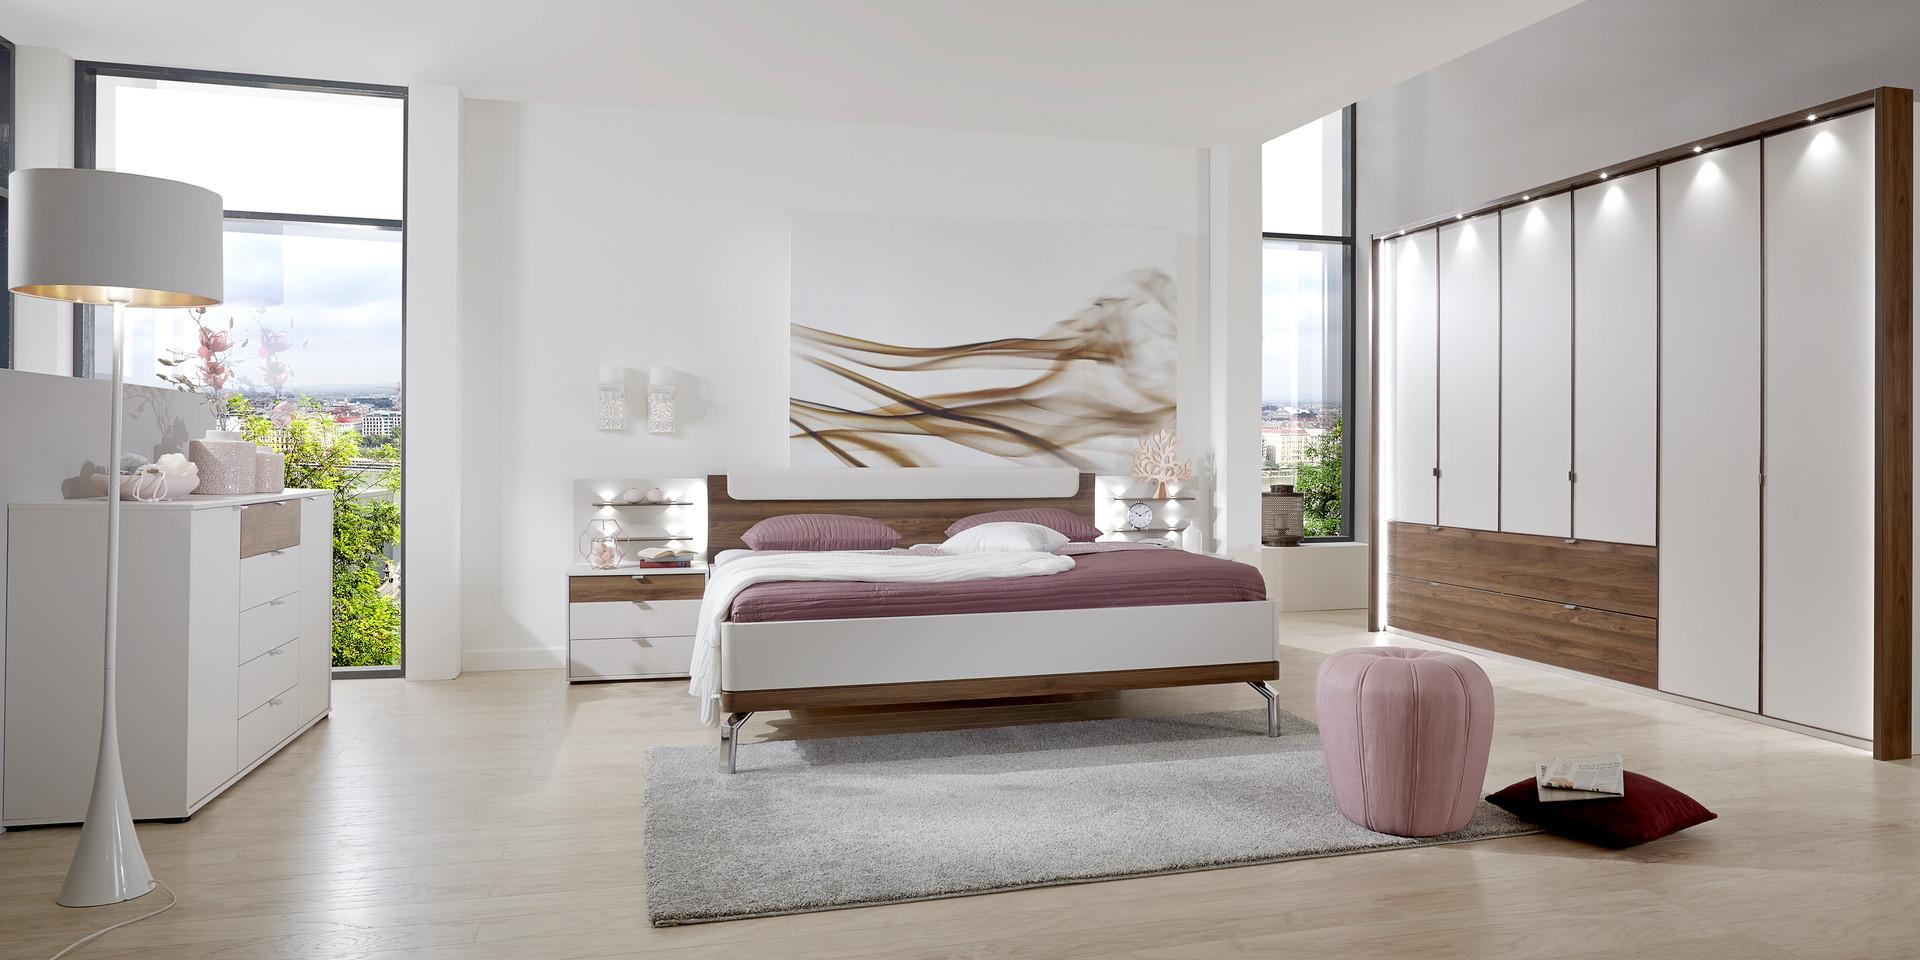 Erleben Sie das Schlafzimmer Catania | Möbelhersteller Wiemann